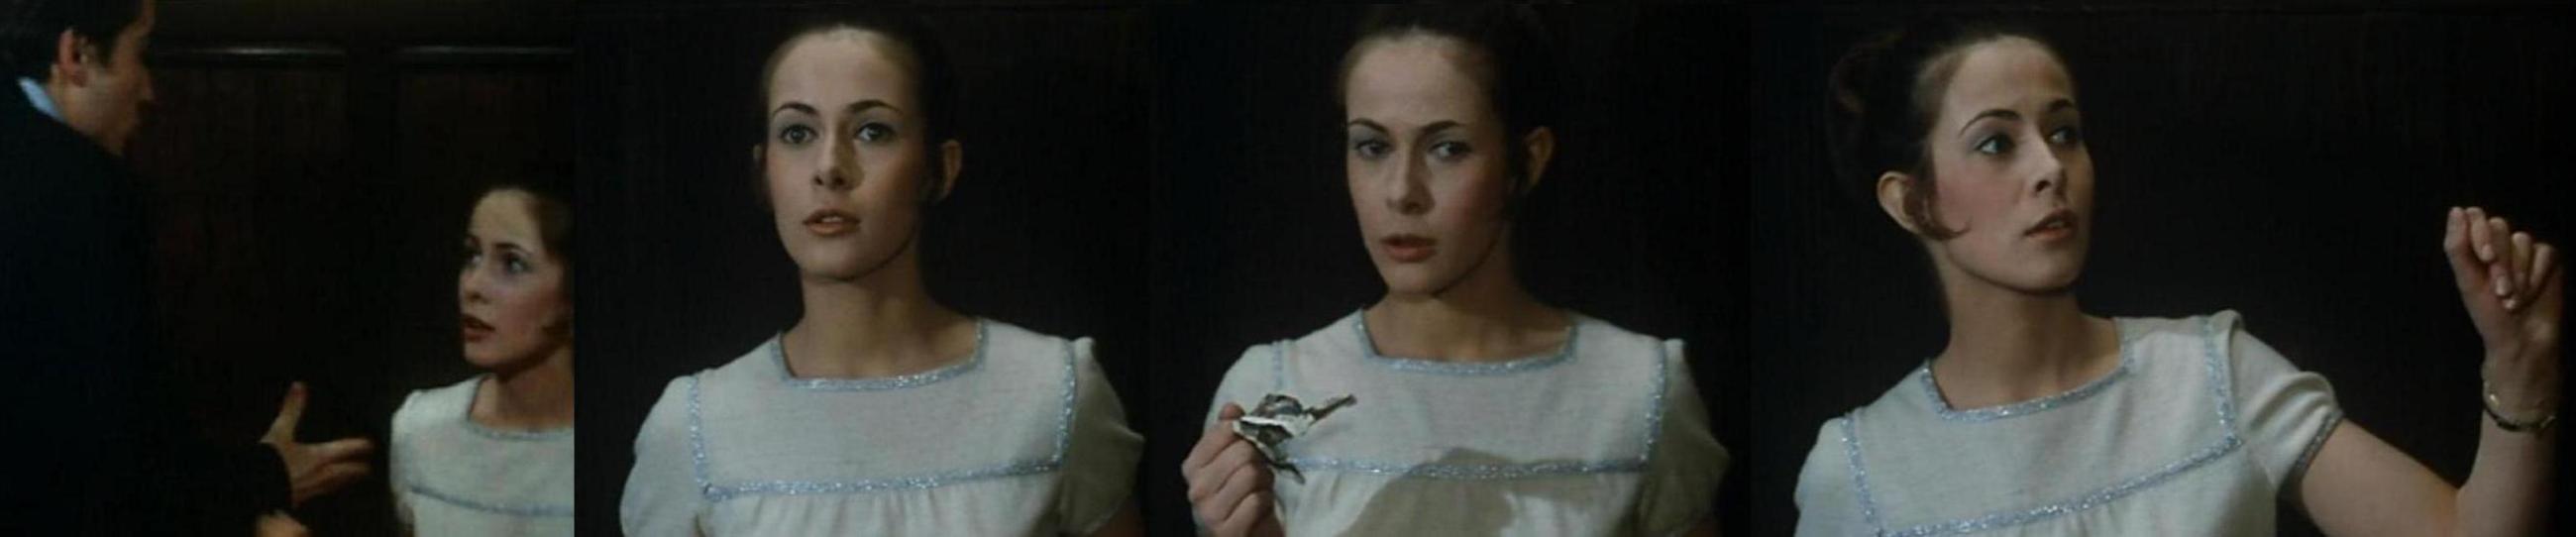 Annährung erneut gescheitert: Egoist Antoine lässt Christine allein zurück.